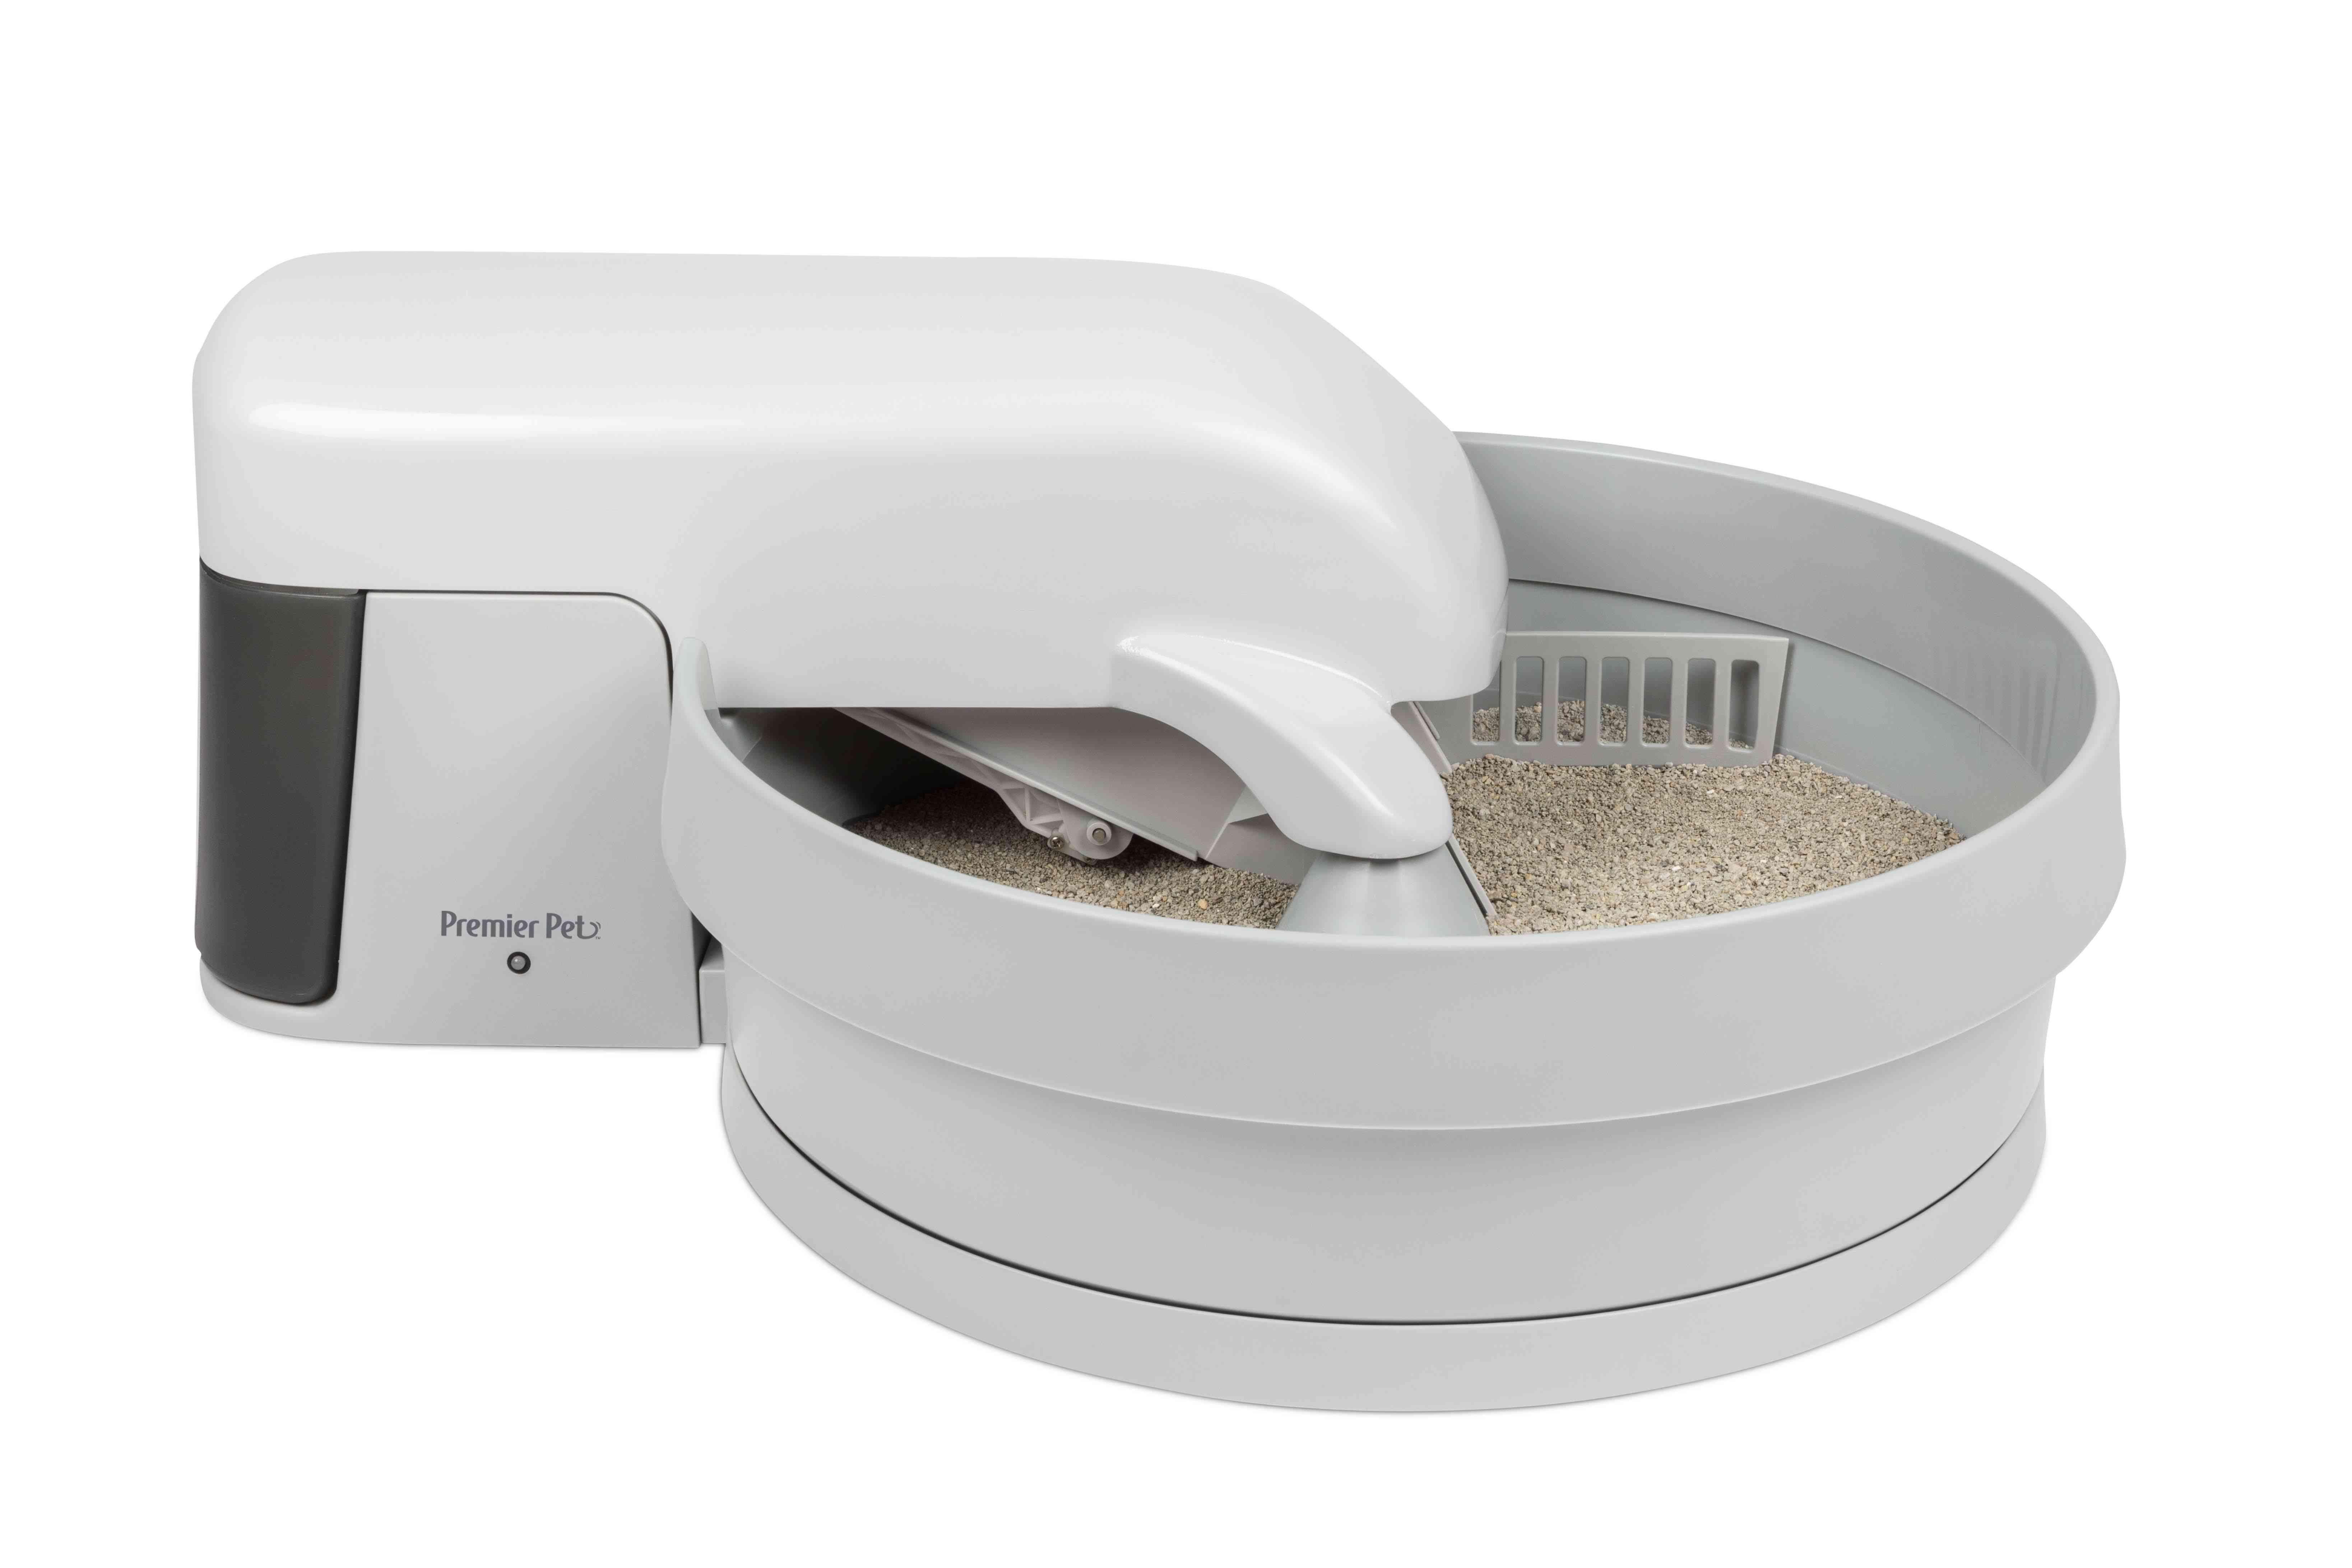 Premier Pet Auto-Clean Litter Box System